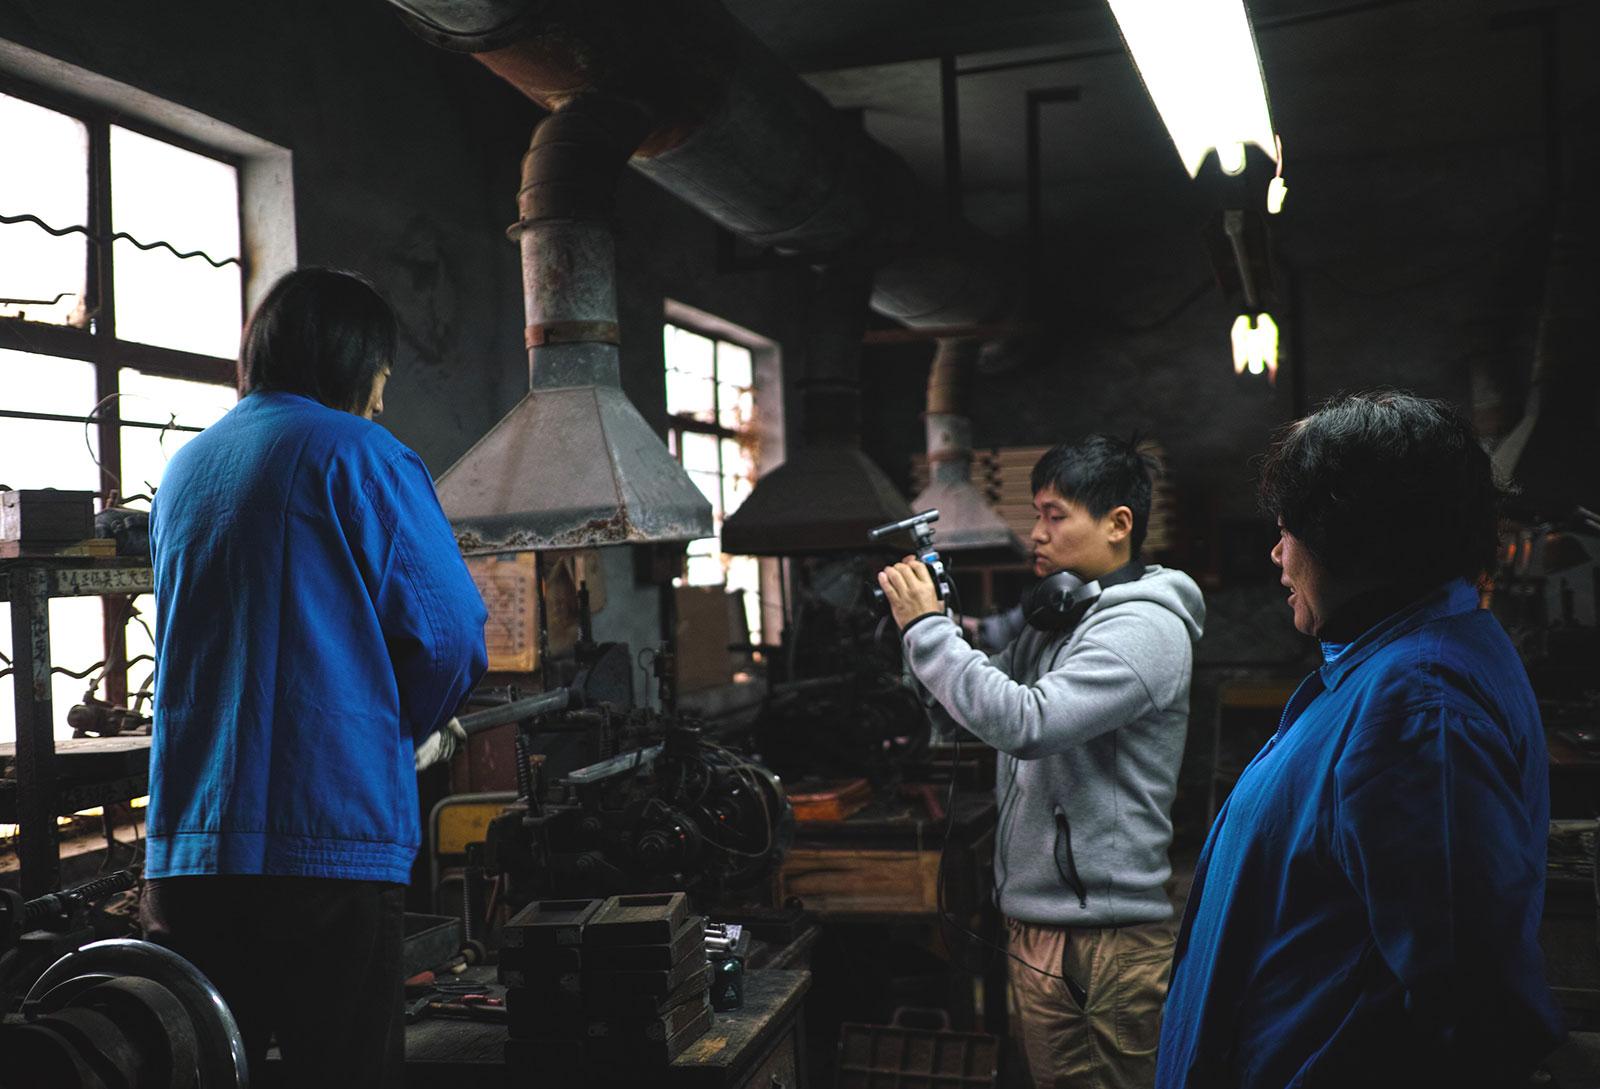 Baiyu Mao & Feng Xue